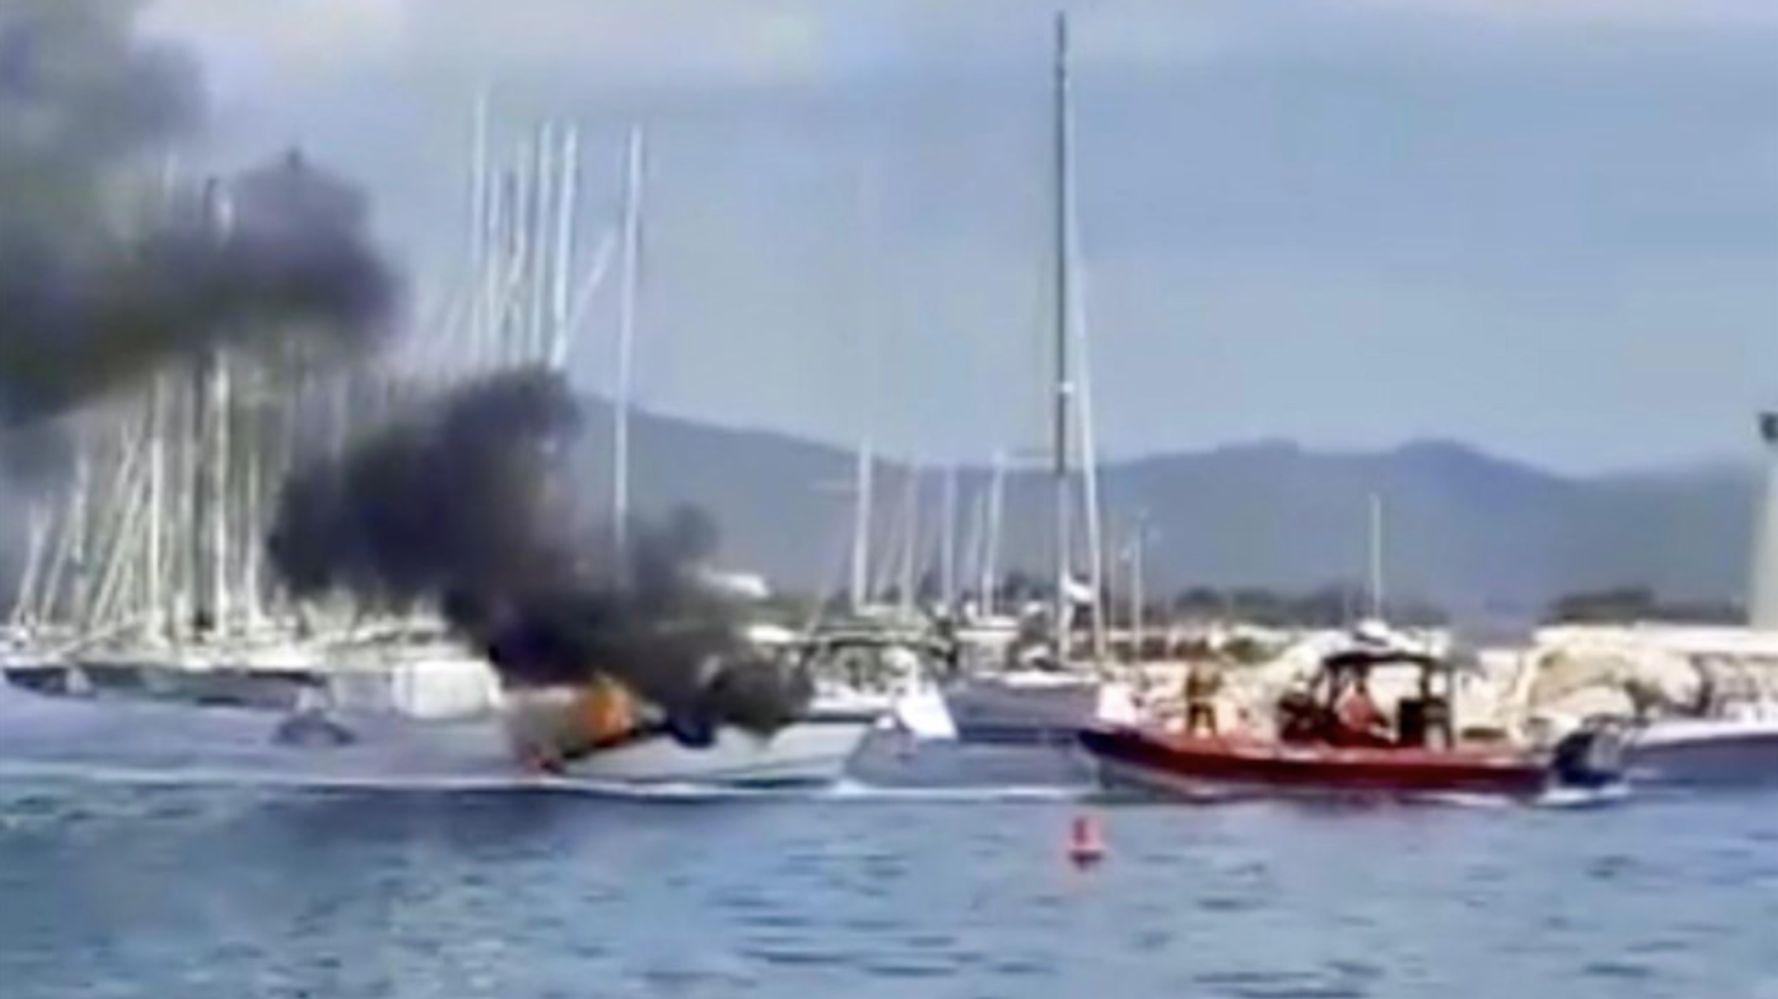 Une explosion sur un bateau dans un port d'Hyères fait plusieurs blessés